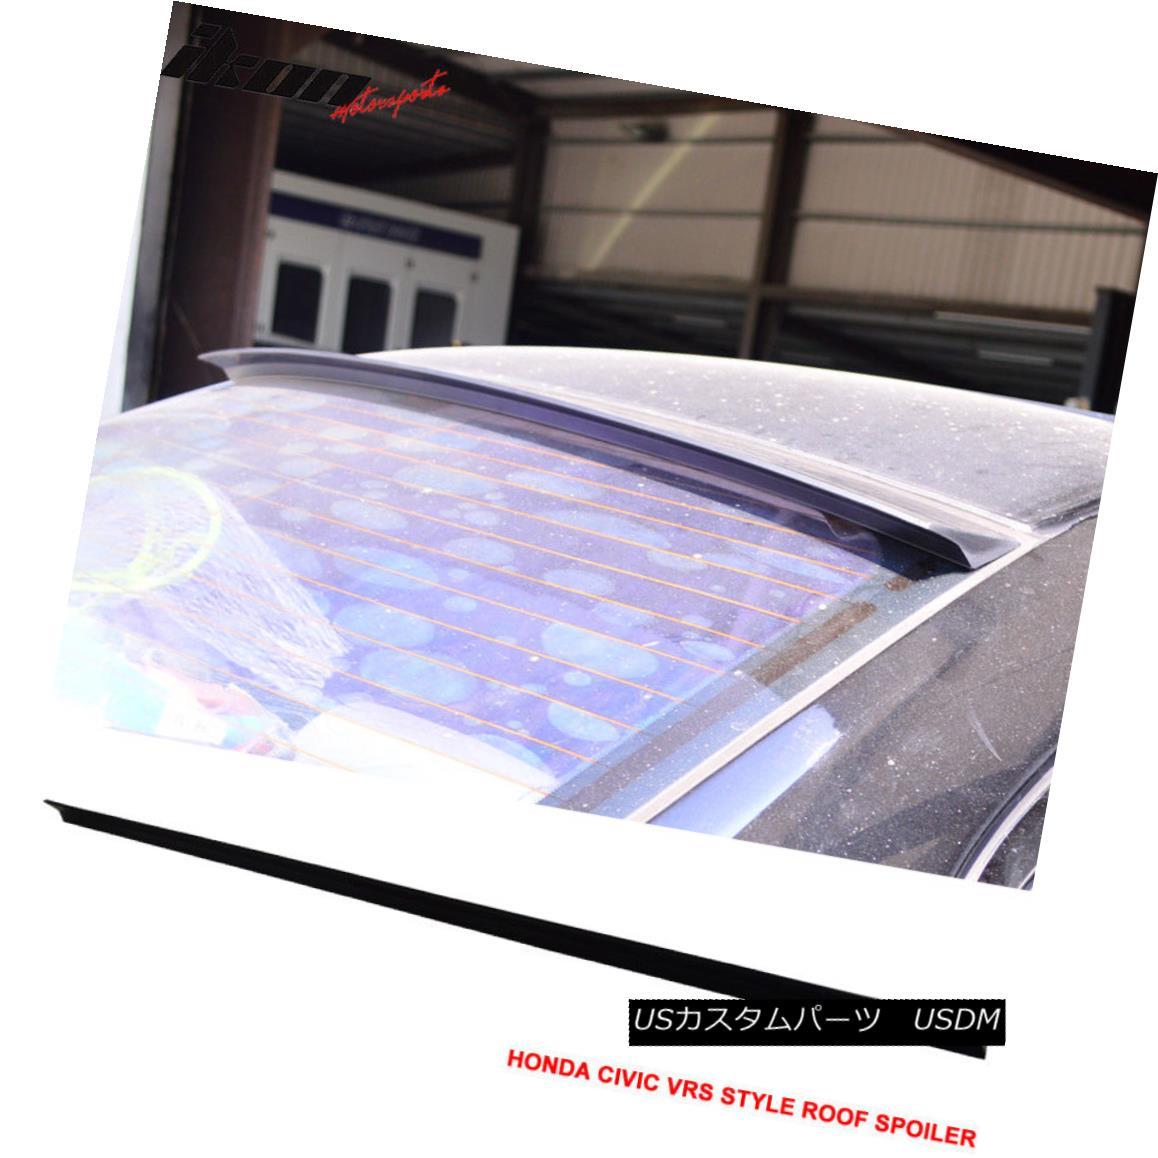 エアロパーツ 01-05 Honda Civic 7th 2Dr 4Dr VRS Style Roof Spoiler Unpainted Black - PUF 01-05ホンダシビック7th 2Dr 4Dr VRSスタイルルーフスポイラー無塗装黒 - PUF